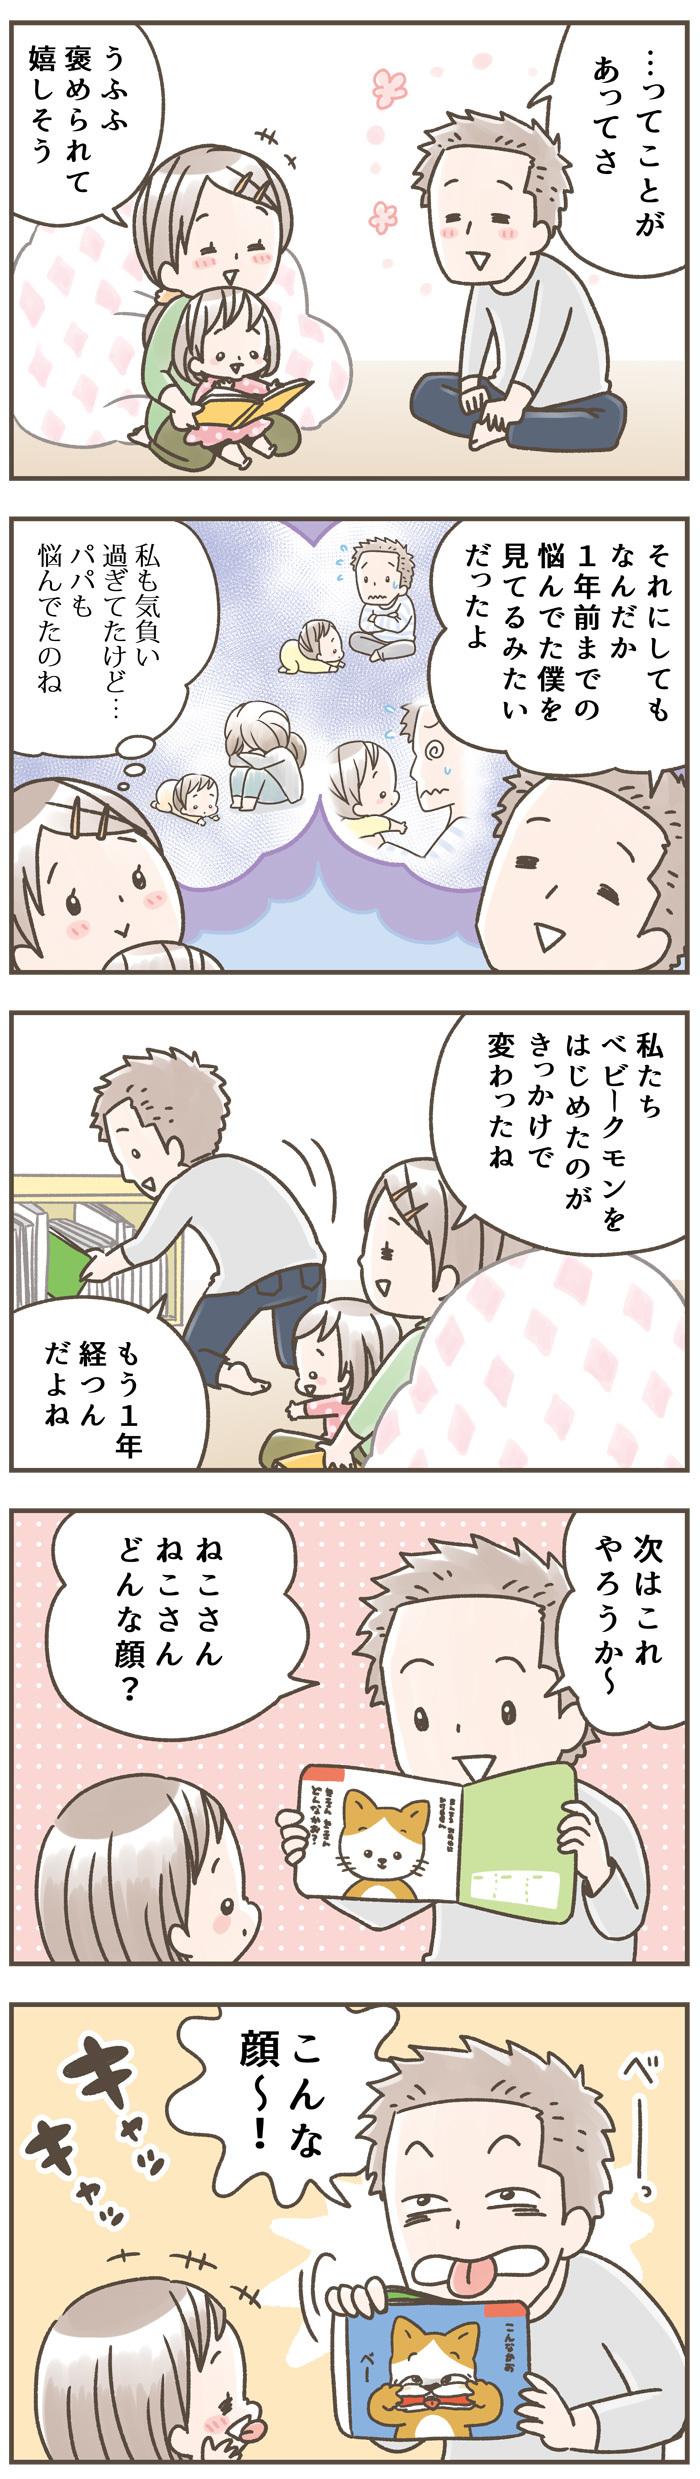 「どうやって遊べばいいの…」悩むママパパが見つけた、上手な関わり方のコツとは?の画像3